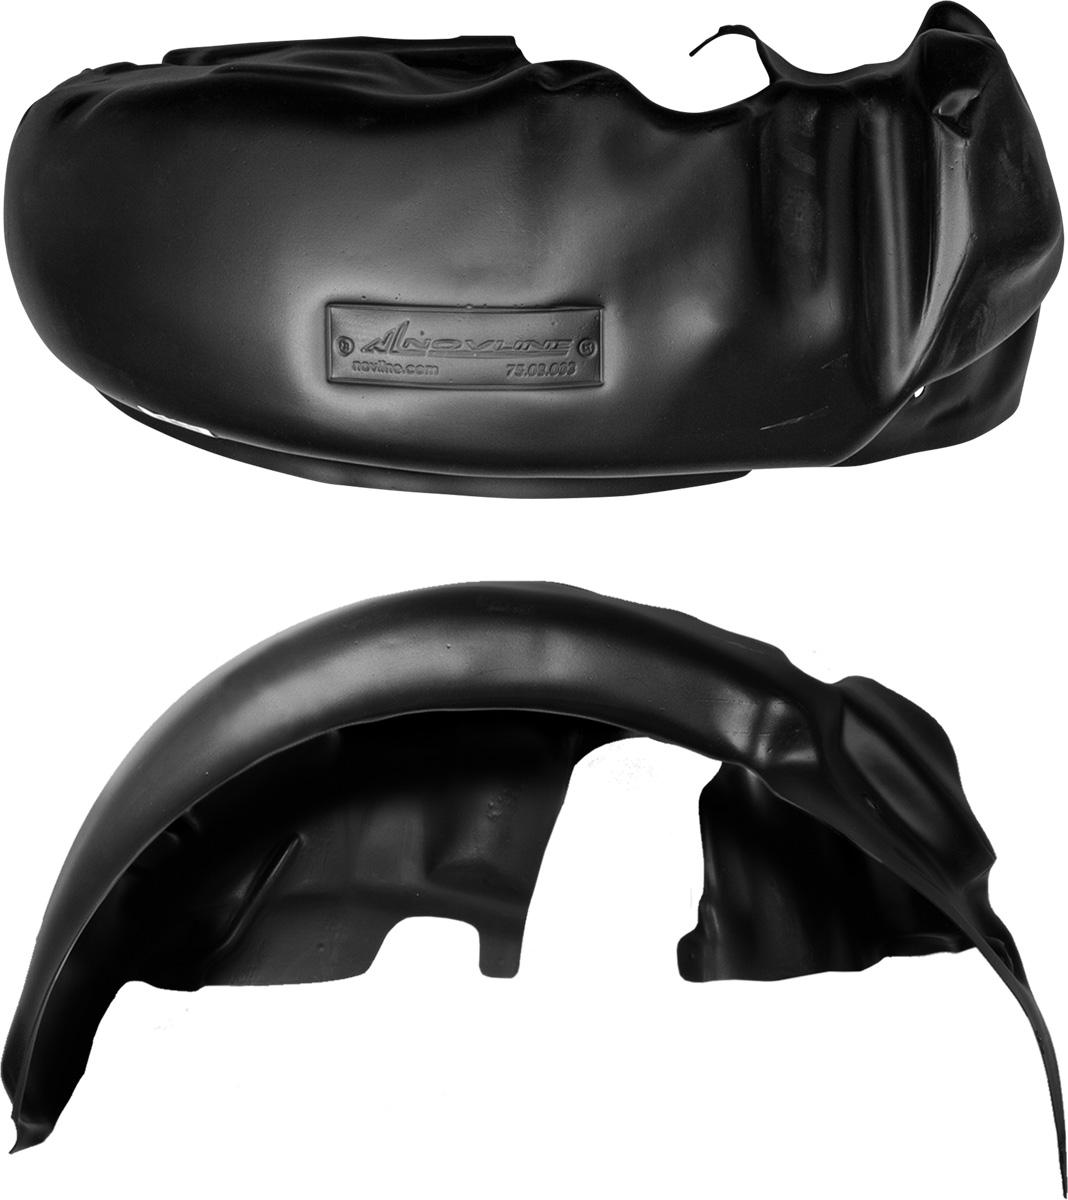 Подкрылок Novline-Autofamily, для Mitsubishi ASX 2010-2013, 2013->, задний левыйCA-3505Колесные ниши - одни из самых уязвимых зон днища вашего автомобиля. Они постоянно подвергаются воздействию со стороны дороги. Лучшая, почти абсолютная защита для них - специально отформованные пластиковые кожухи, которые называются подкрылками. Производятся они как для отечественных моделей автомобилей, так и для иномарок. Подкрылки Novline-Autofamily выполнены из высококачественного, экологически чистого пластика. Обеспечивают надежную защиту кузова автомобиля от пескоструйного эффекта и негативного влияния, агрессивных антигололедных реагентов. Пластик обладает более низкой теплопроводностью, чем металл, поэтому в зимний период эксплуатации использование пластиковых подкрылков позволяет лучше защитить колесные ниши от налипания снега и образования наледи. Оригинальность конструкции подчеркивает элегантность автомобиля, бережно защищает нанесенное на днище кузова антикоррозийное покрытие и позволяет осуществить крепление подкрылков внутри колесной арки практически без дополнительного крепежа и сверления, не нарушая при этом лакокрасочного покрытия, что предотвращает возникновение новых очагов коррозии. Подкрылки долговечны, обладают высокой прочностью и сохраняют заданную форму, а также все свои физико-механические характеристики в самых тяжелых климатических условиях (от -50°С до +50°С).Уважаемые клиенты!Обращаем ваше внимание, на тот факт, что подкрылок имеет форму, соответствующую модели данного автомобиля. Фото служит для визуального восприятия товара.